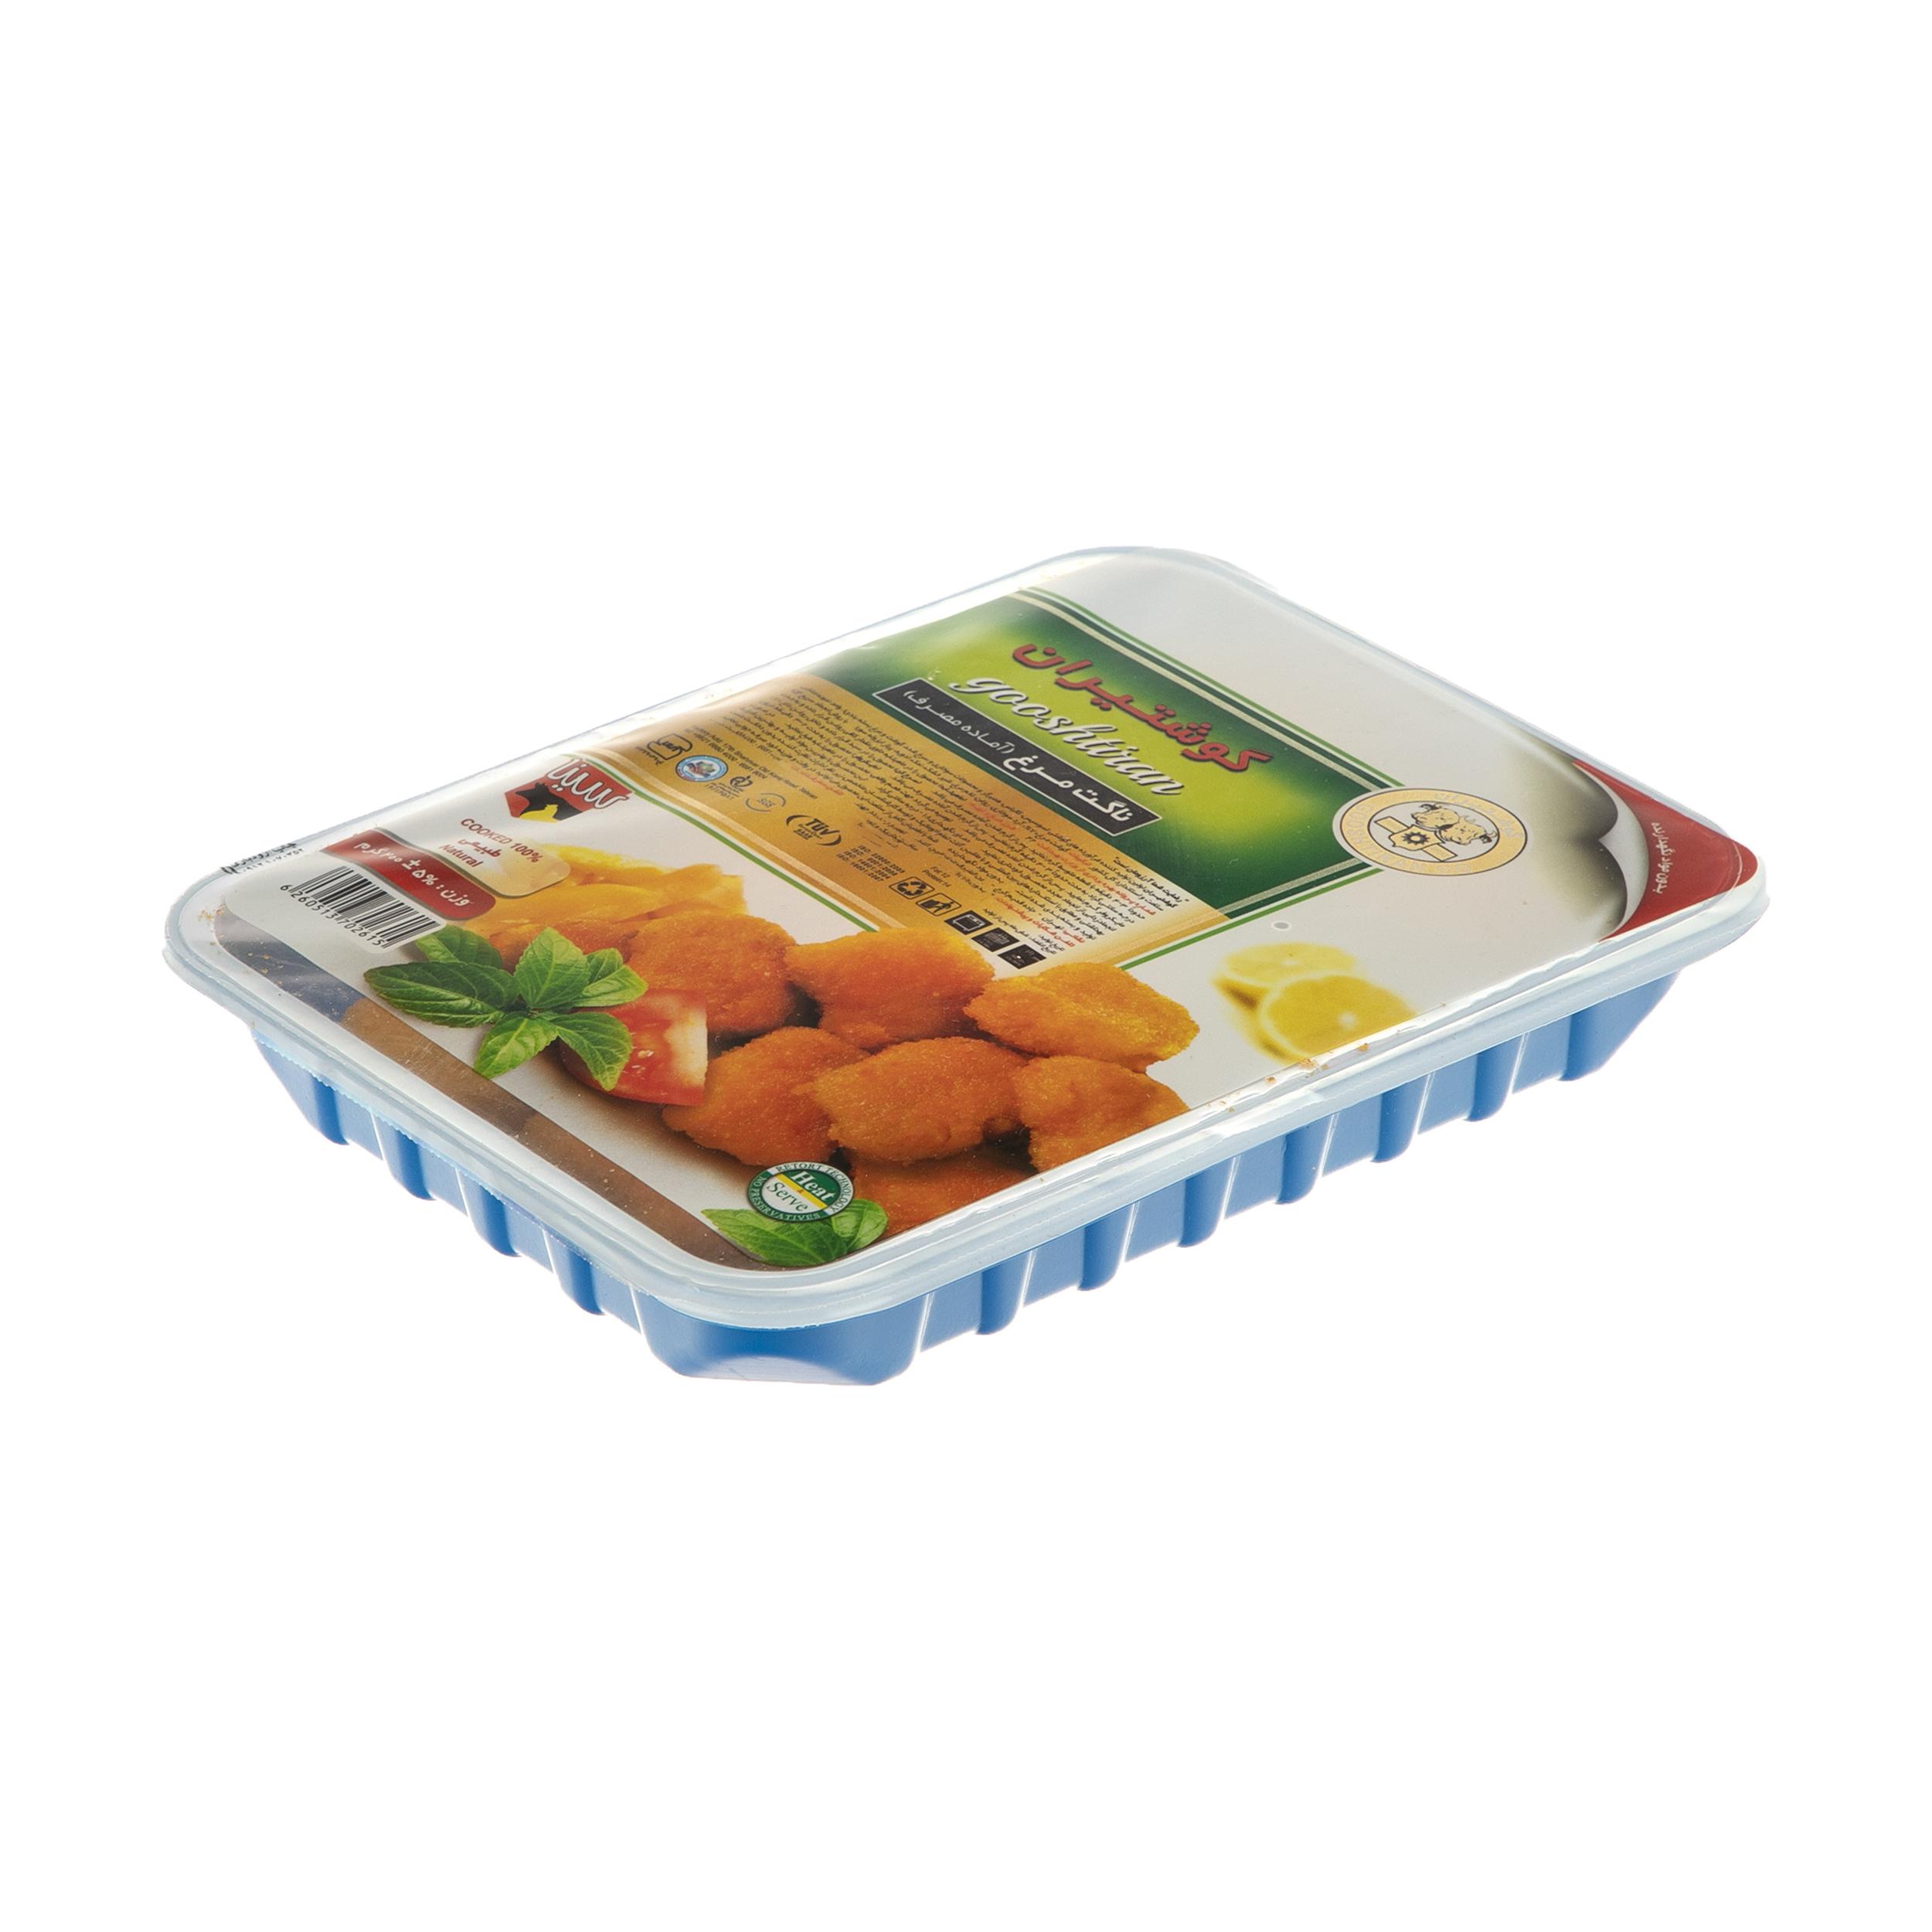 ناگت مرغ گوشتیران - 200 گرم